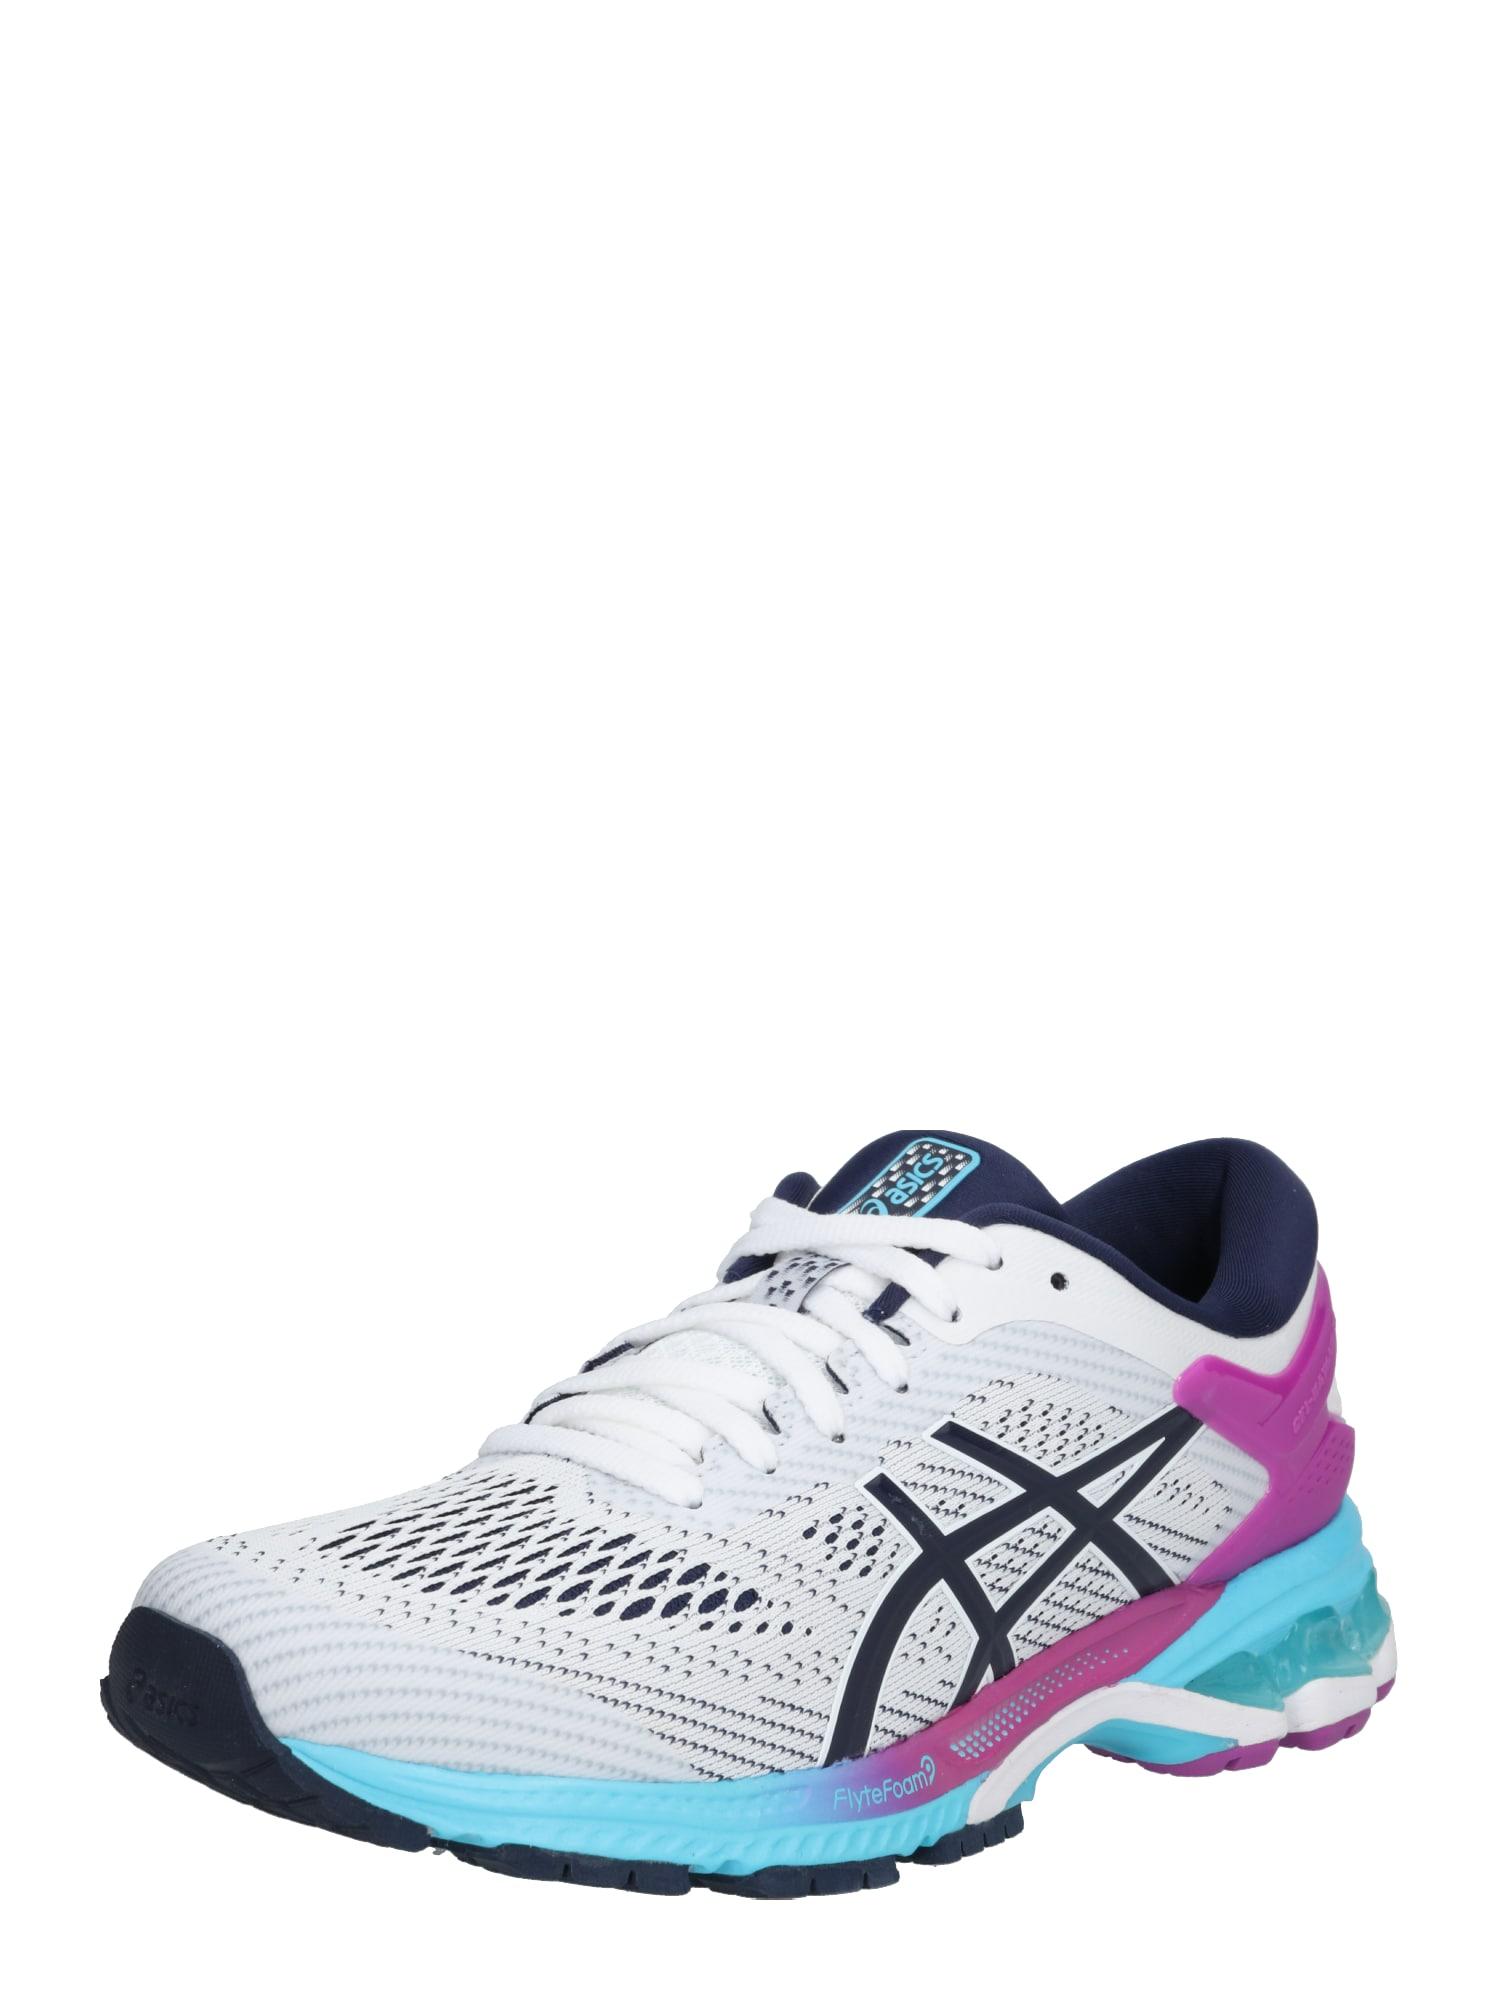 Běžecká obuv GEL-KAYANO 26 modrá fialová bílá ASICS